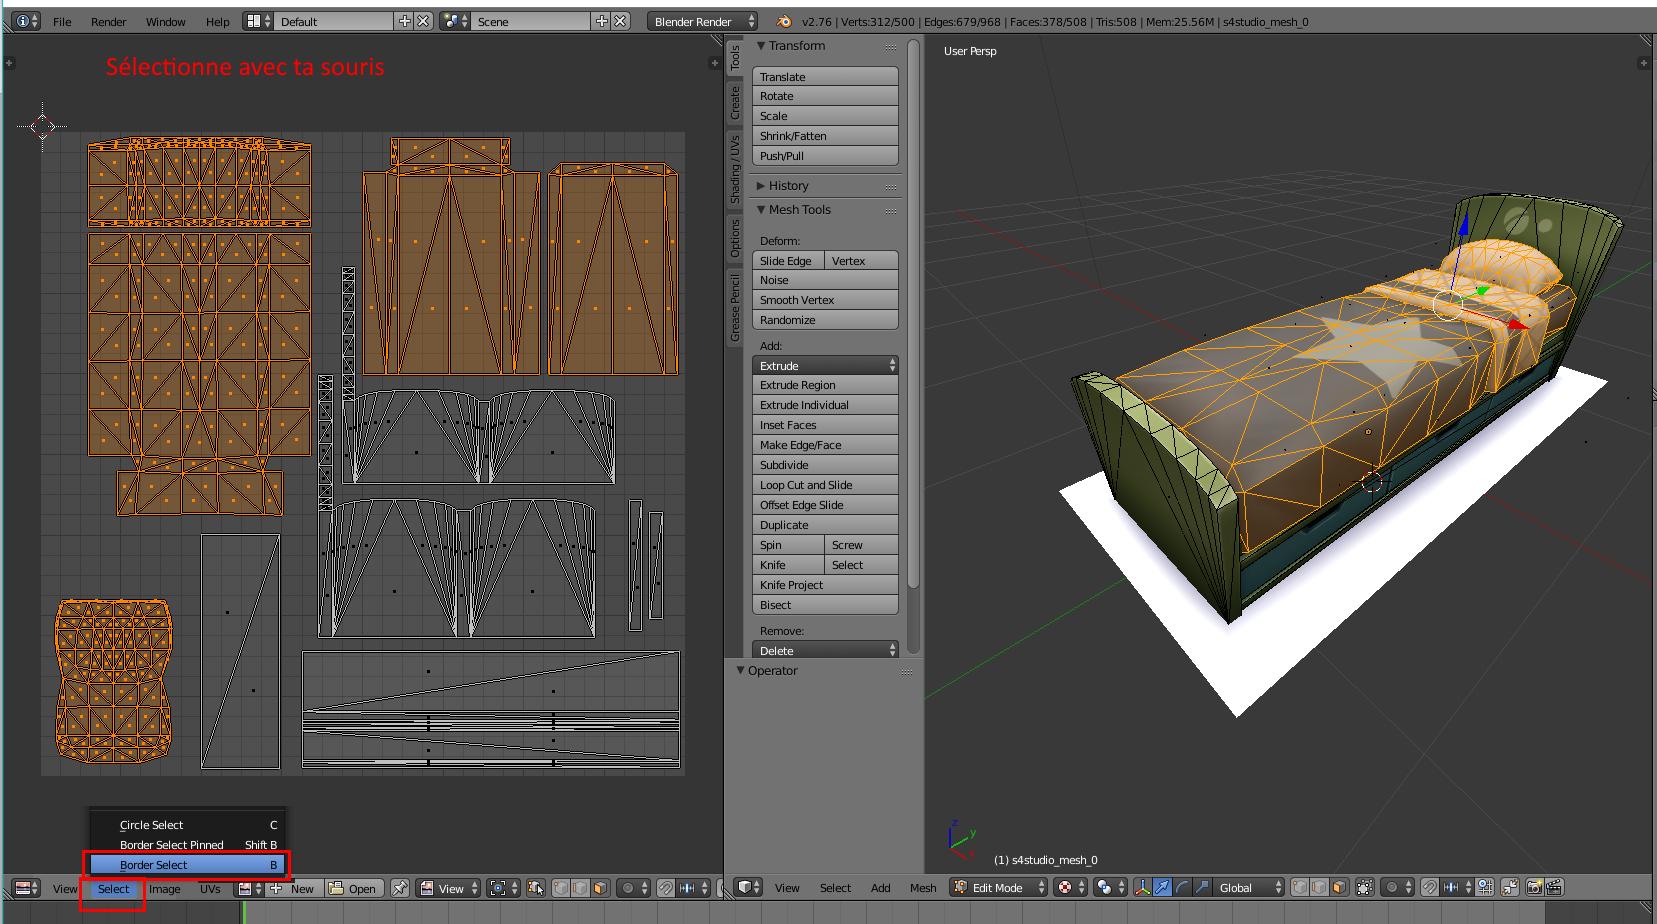 [Sims 4/Blender - Création d'un mesh] Aide à la création d'un nouveau mesh 3D 220